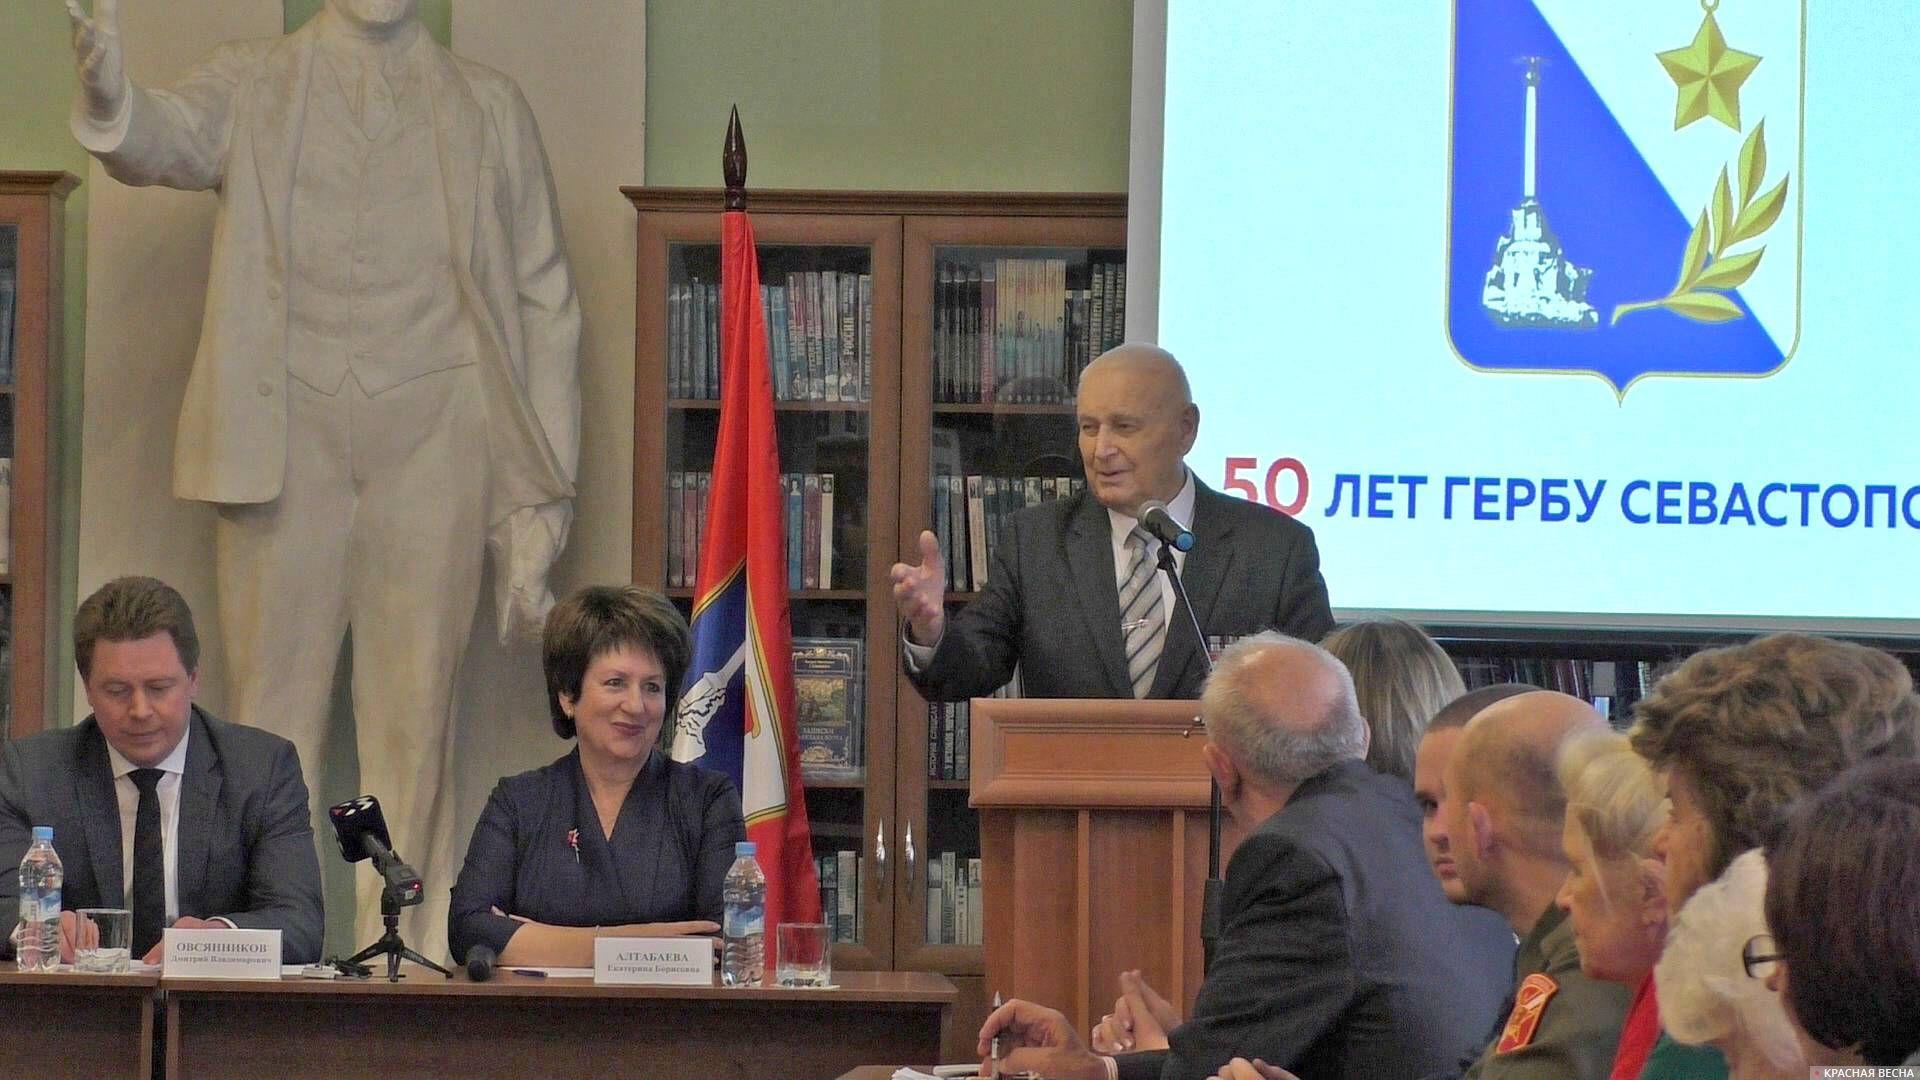 Праздничное мероприятие, посвященное 50-й годовщине официального символа города Севастополь